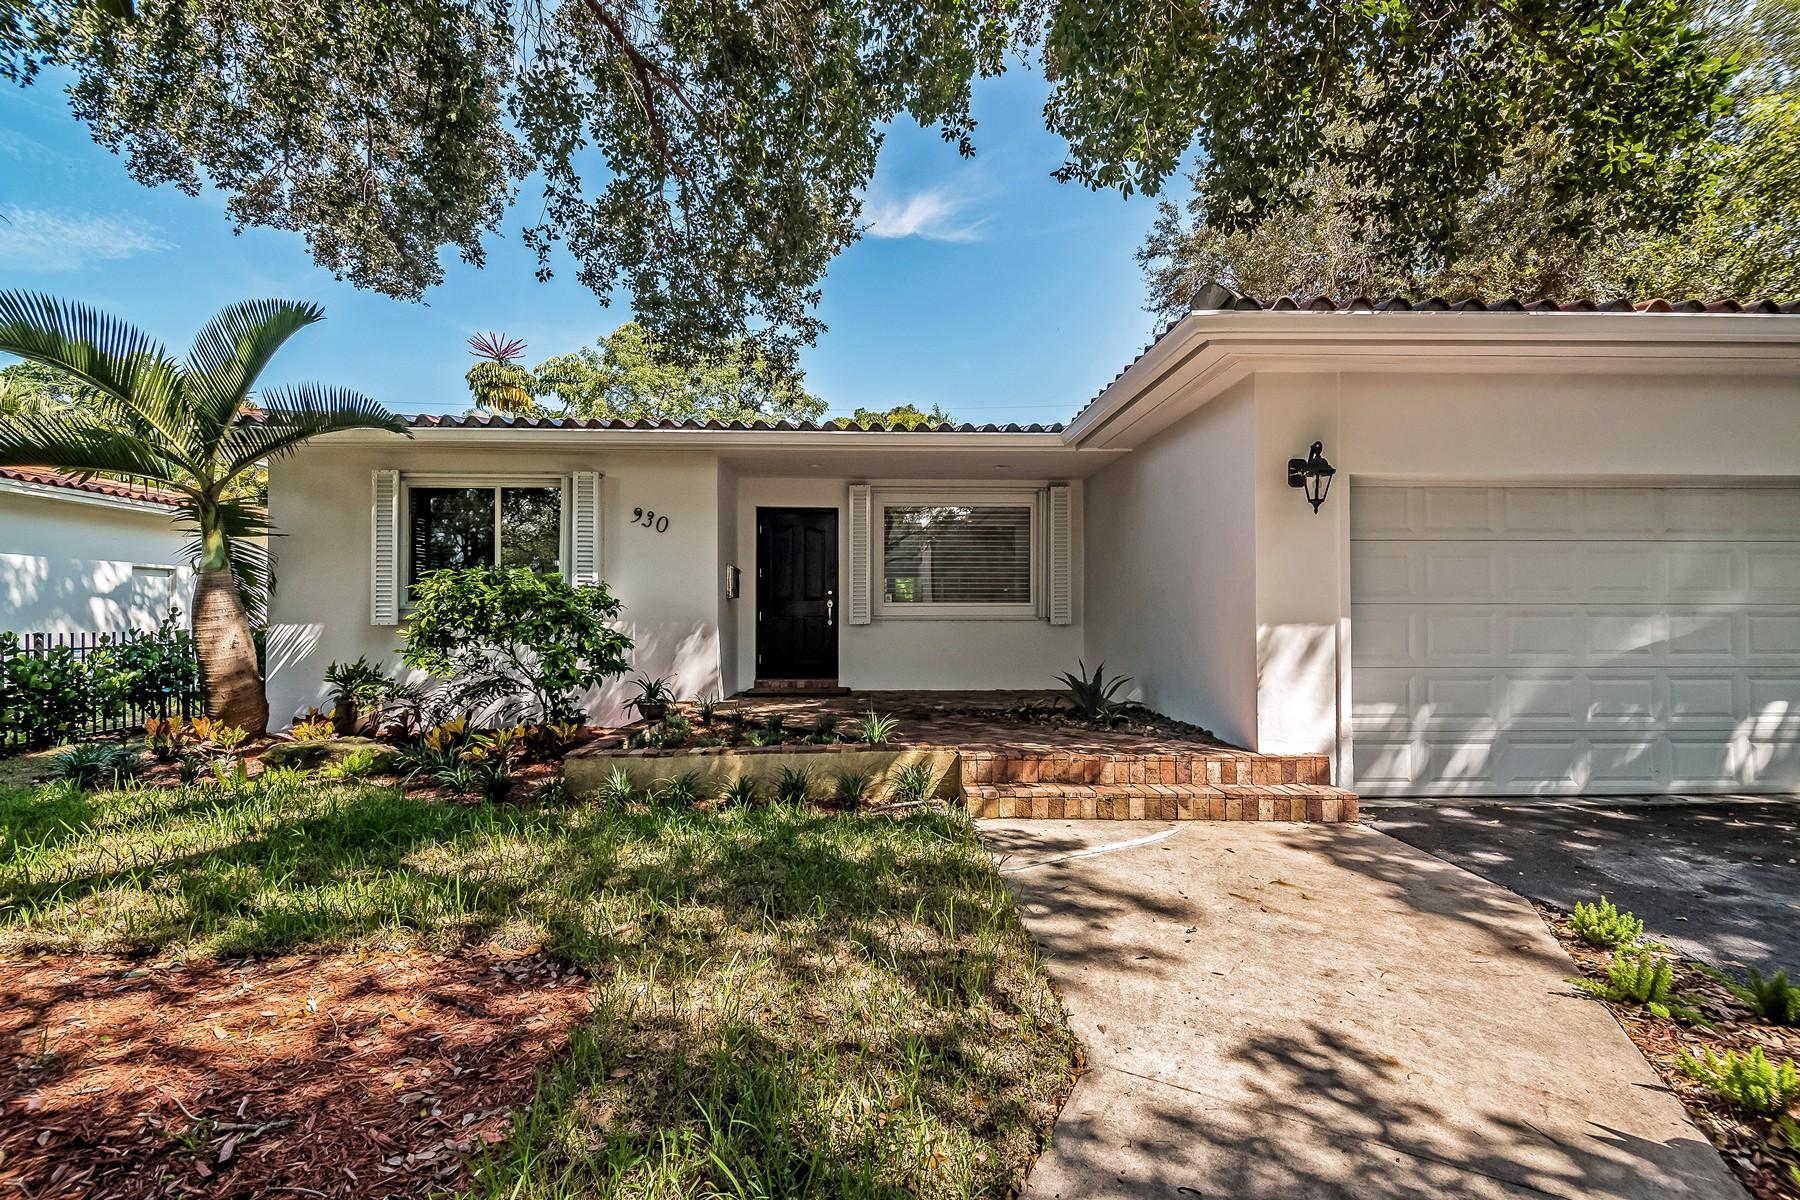 Casa para uma família para Venda às 930 Aguero Ave Coral Gables, Florida 33146 Estados Unidos